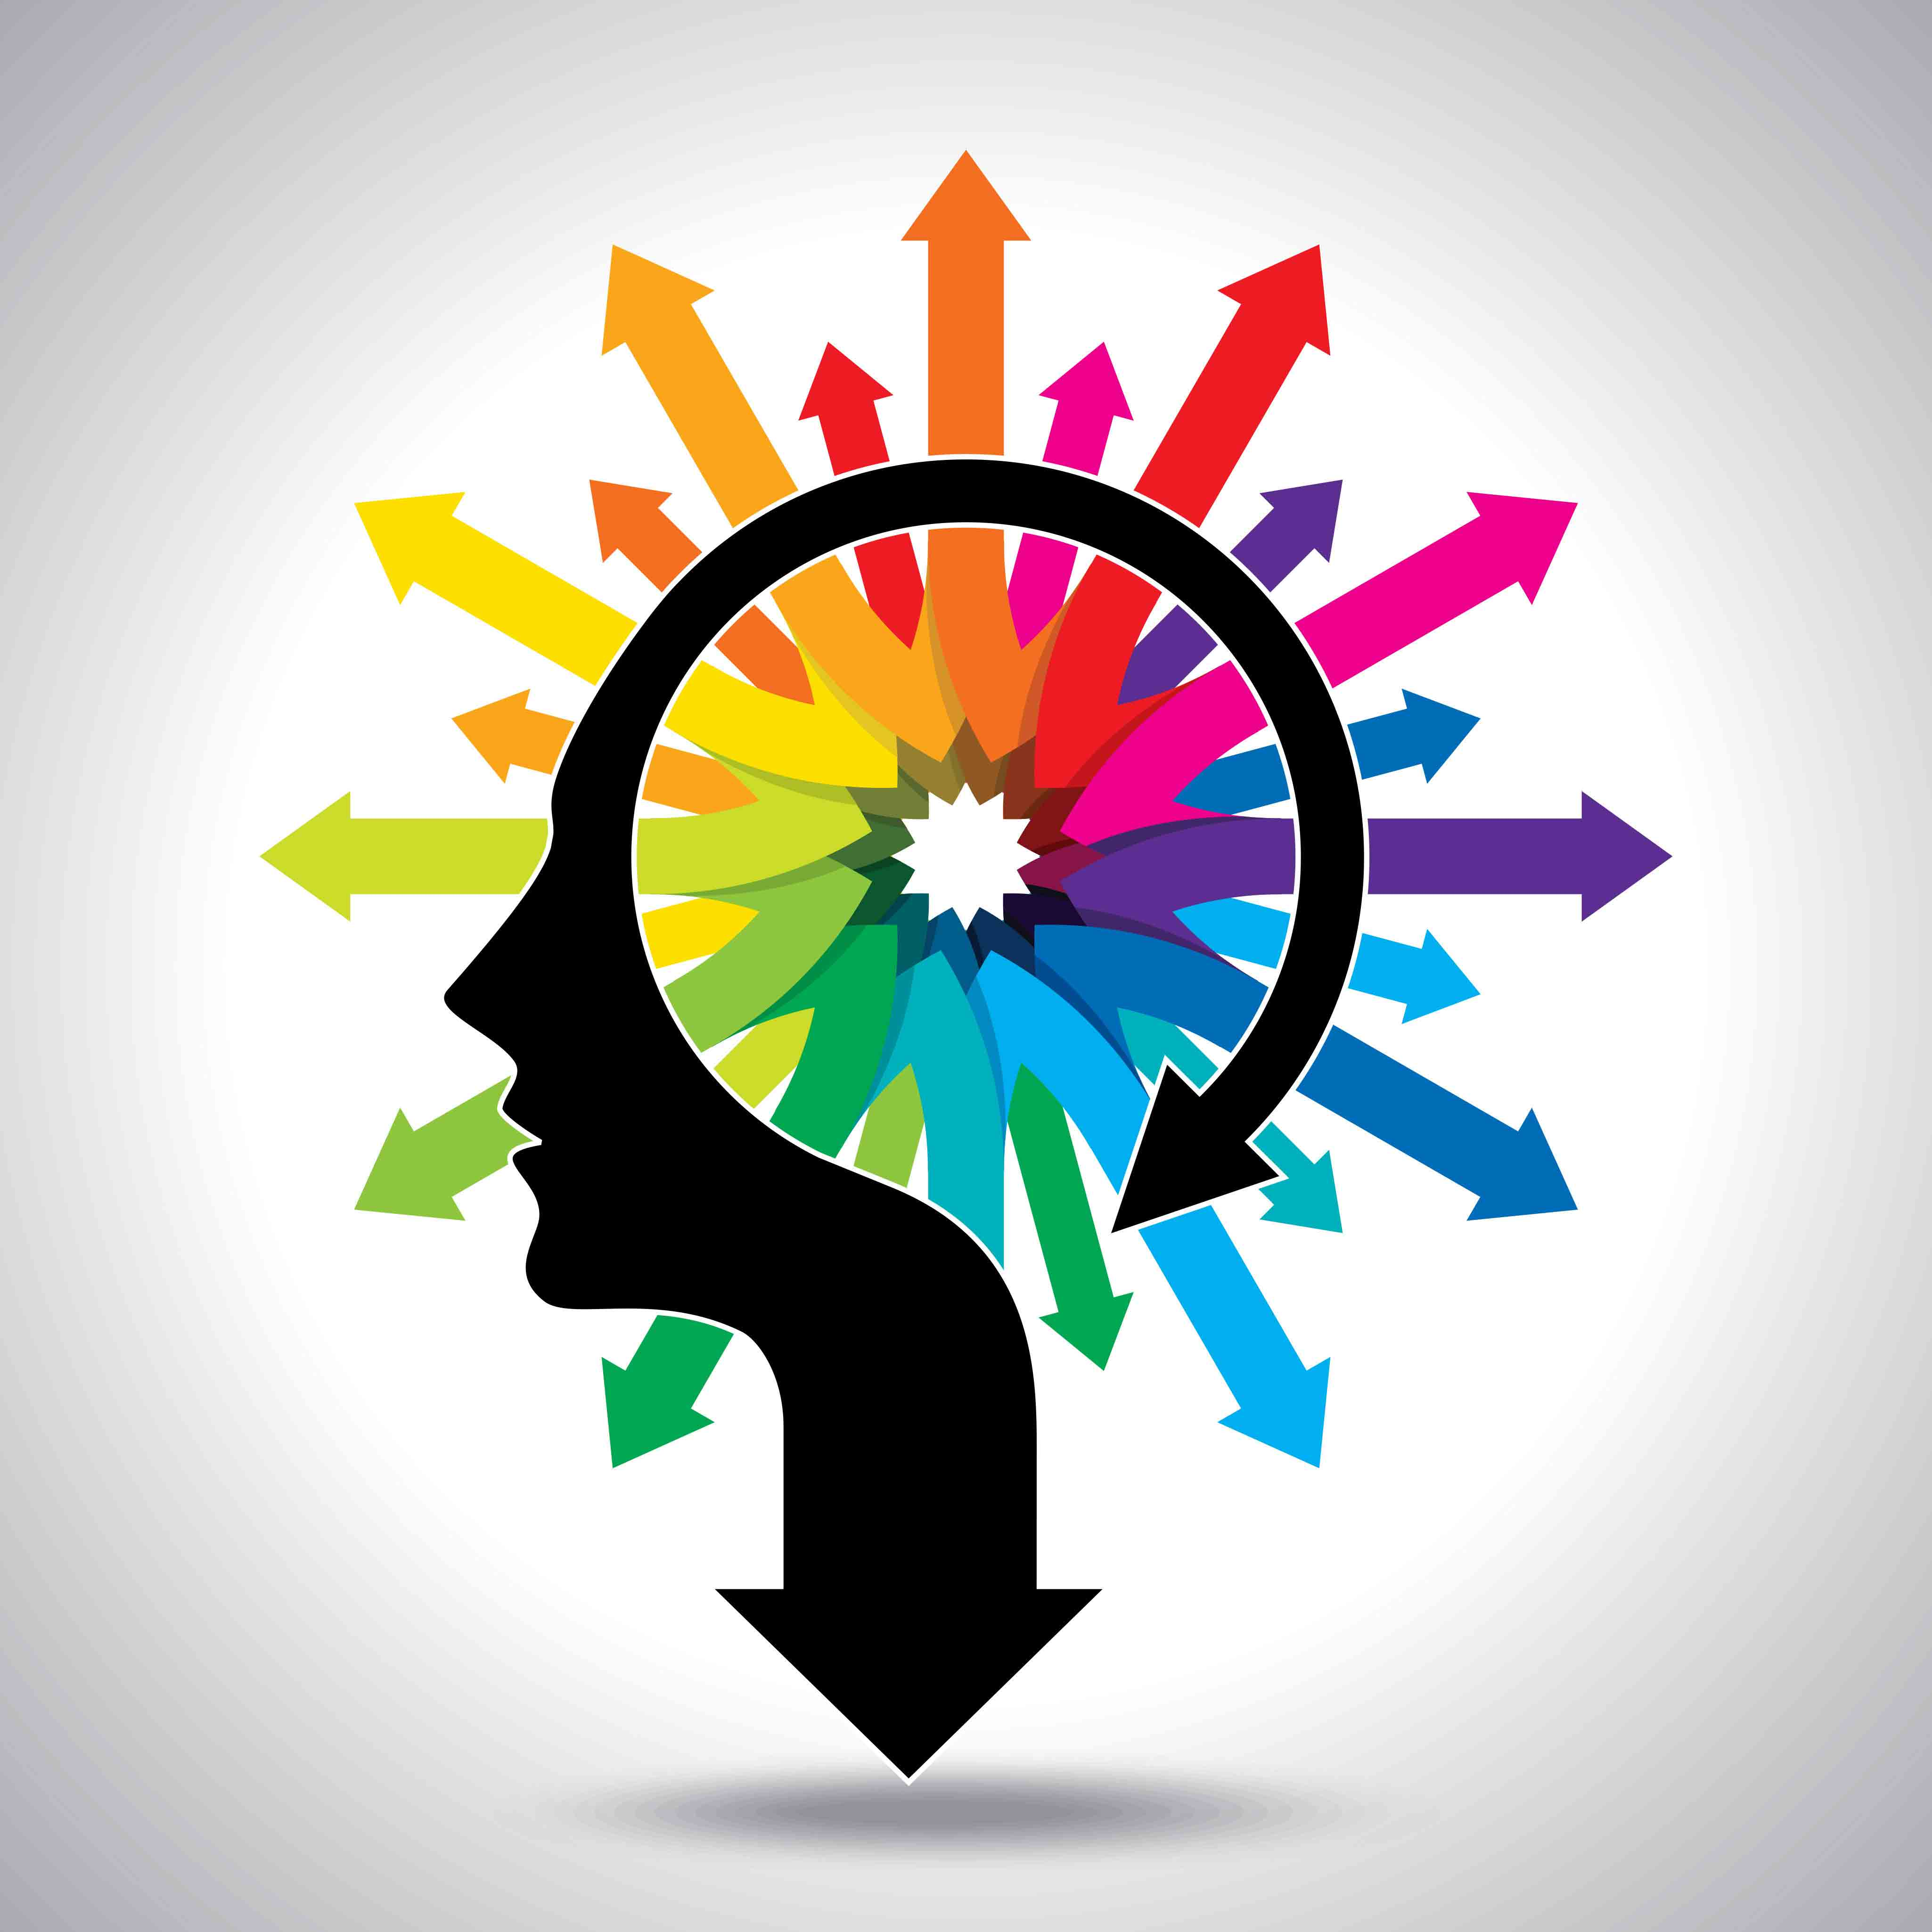 رابطه تیپ شخصیتی درونگرایی – برونگرایی با میزان رضایت شغلی و تعهد سازمانی معلمان اداره آموزش و پرورش شهرستان دلفان